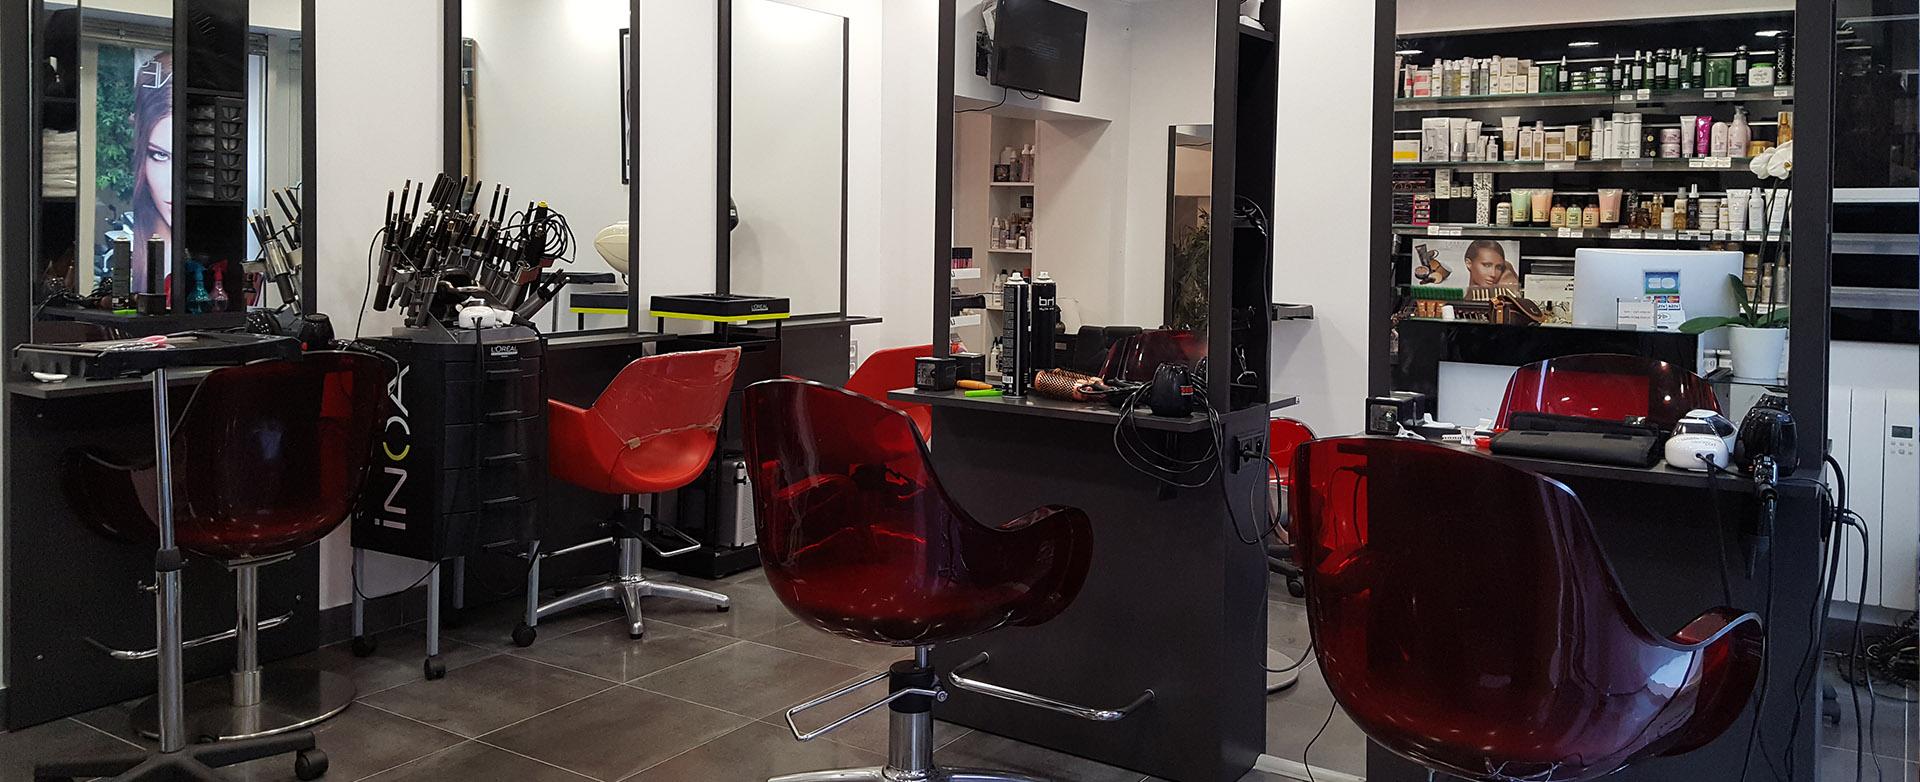 Salon de coiffure enghien votre nouveau blog l gant la coupe de cheveux - Salon de coiffure afro montpellier ...